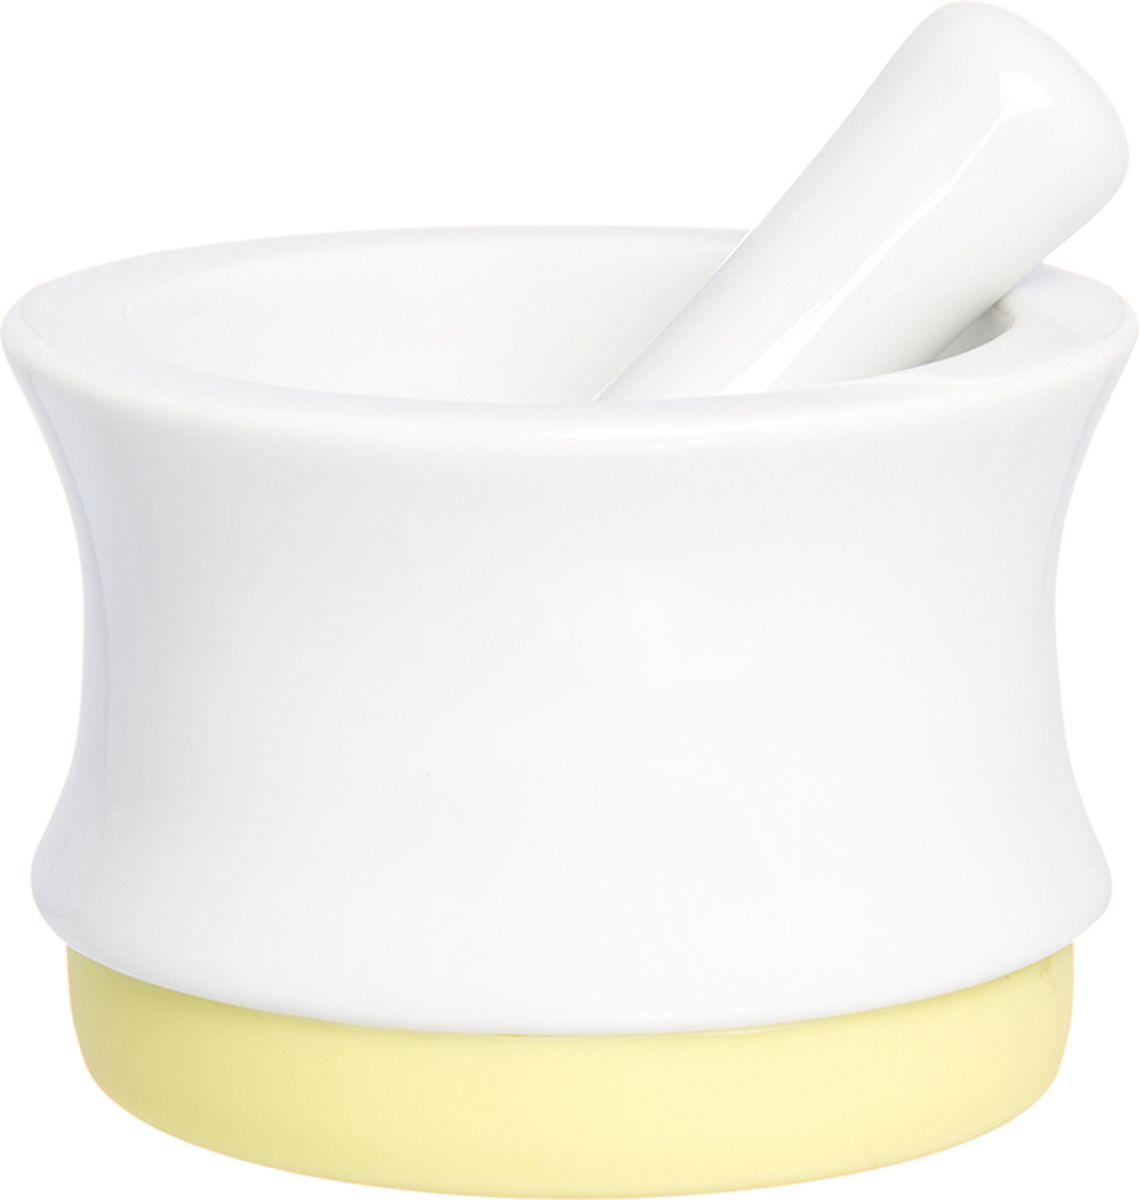 Ступка с пестиком Elan Gallery, с подставкой, цвет: белый, лимонный, 7,5 х 7,5 х 5,3 см900028Ступка с силиконовой ножкой-подставкой и пестиком очень удобна для измельчения специй. Незаменимый помощник на кухне. Отличный подарок для искусных кулинаров.